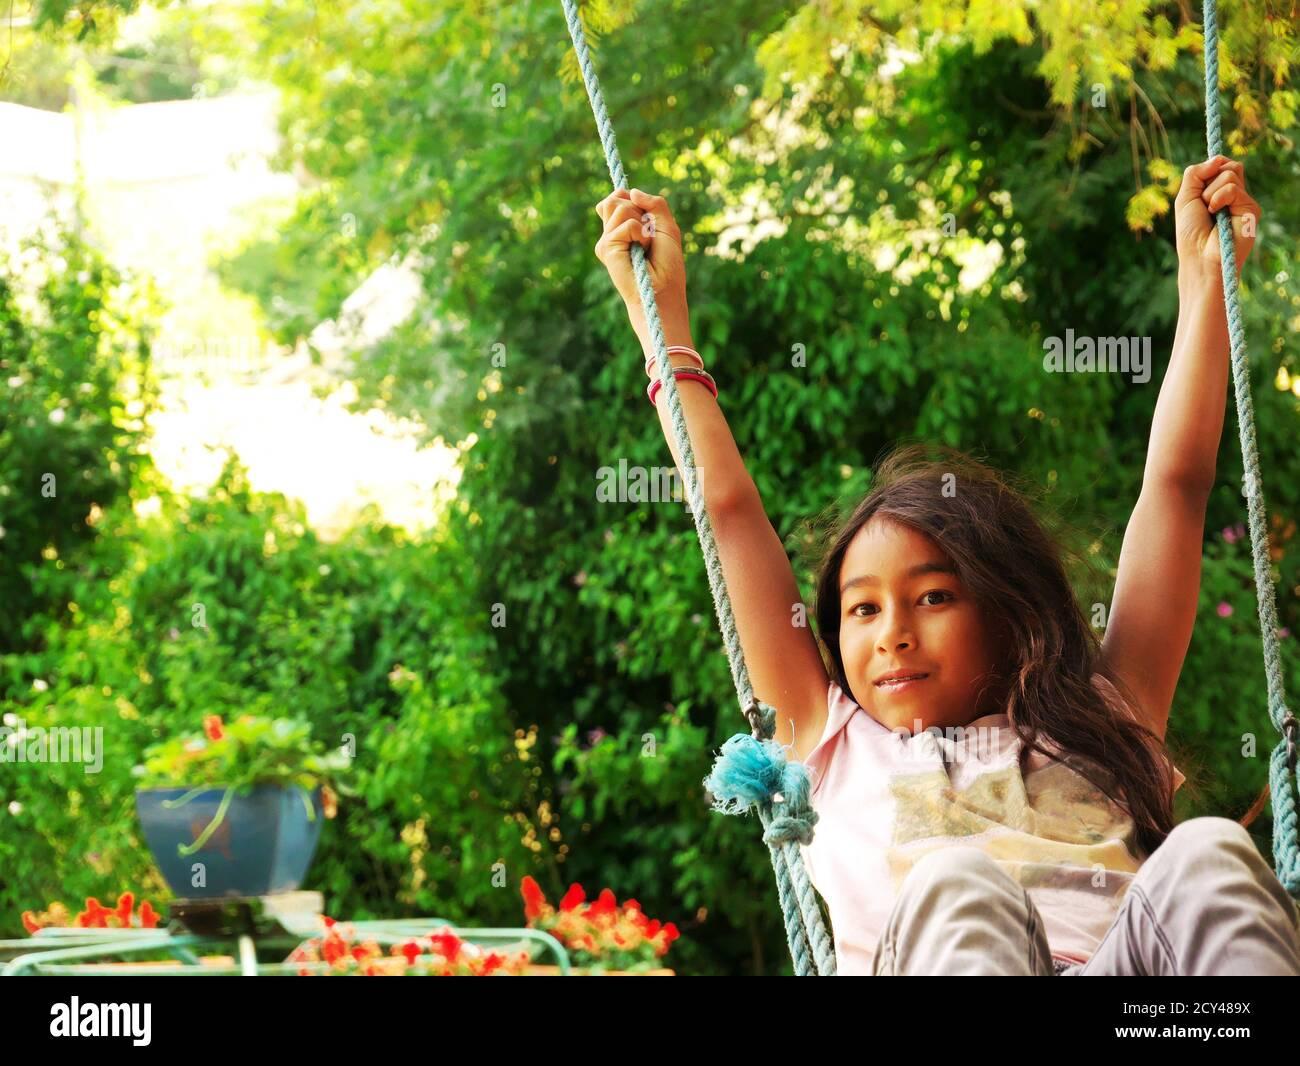 Junge lächelnde Mixed-Race-Mädchen schwingt in einem Park während der Urlaub Stockfoto